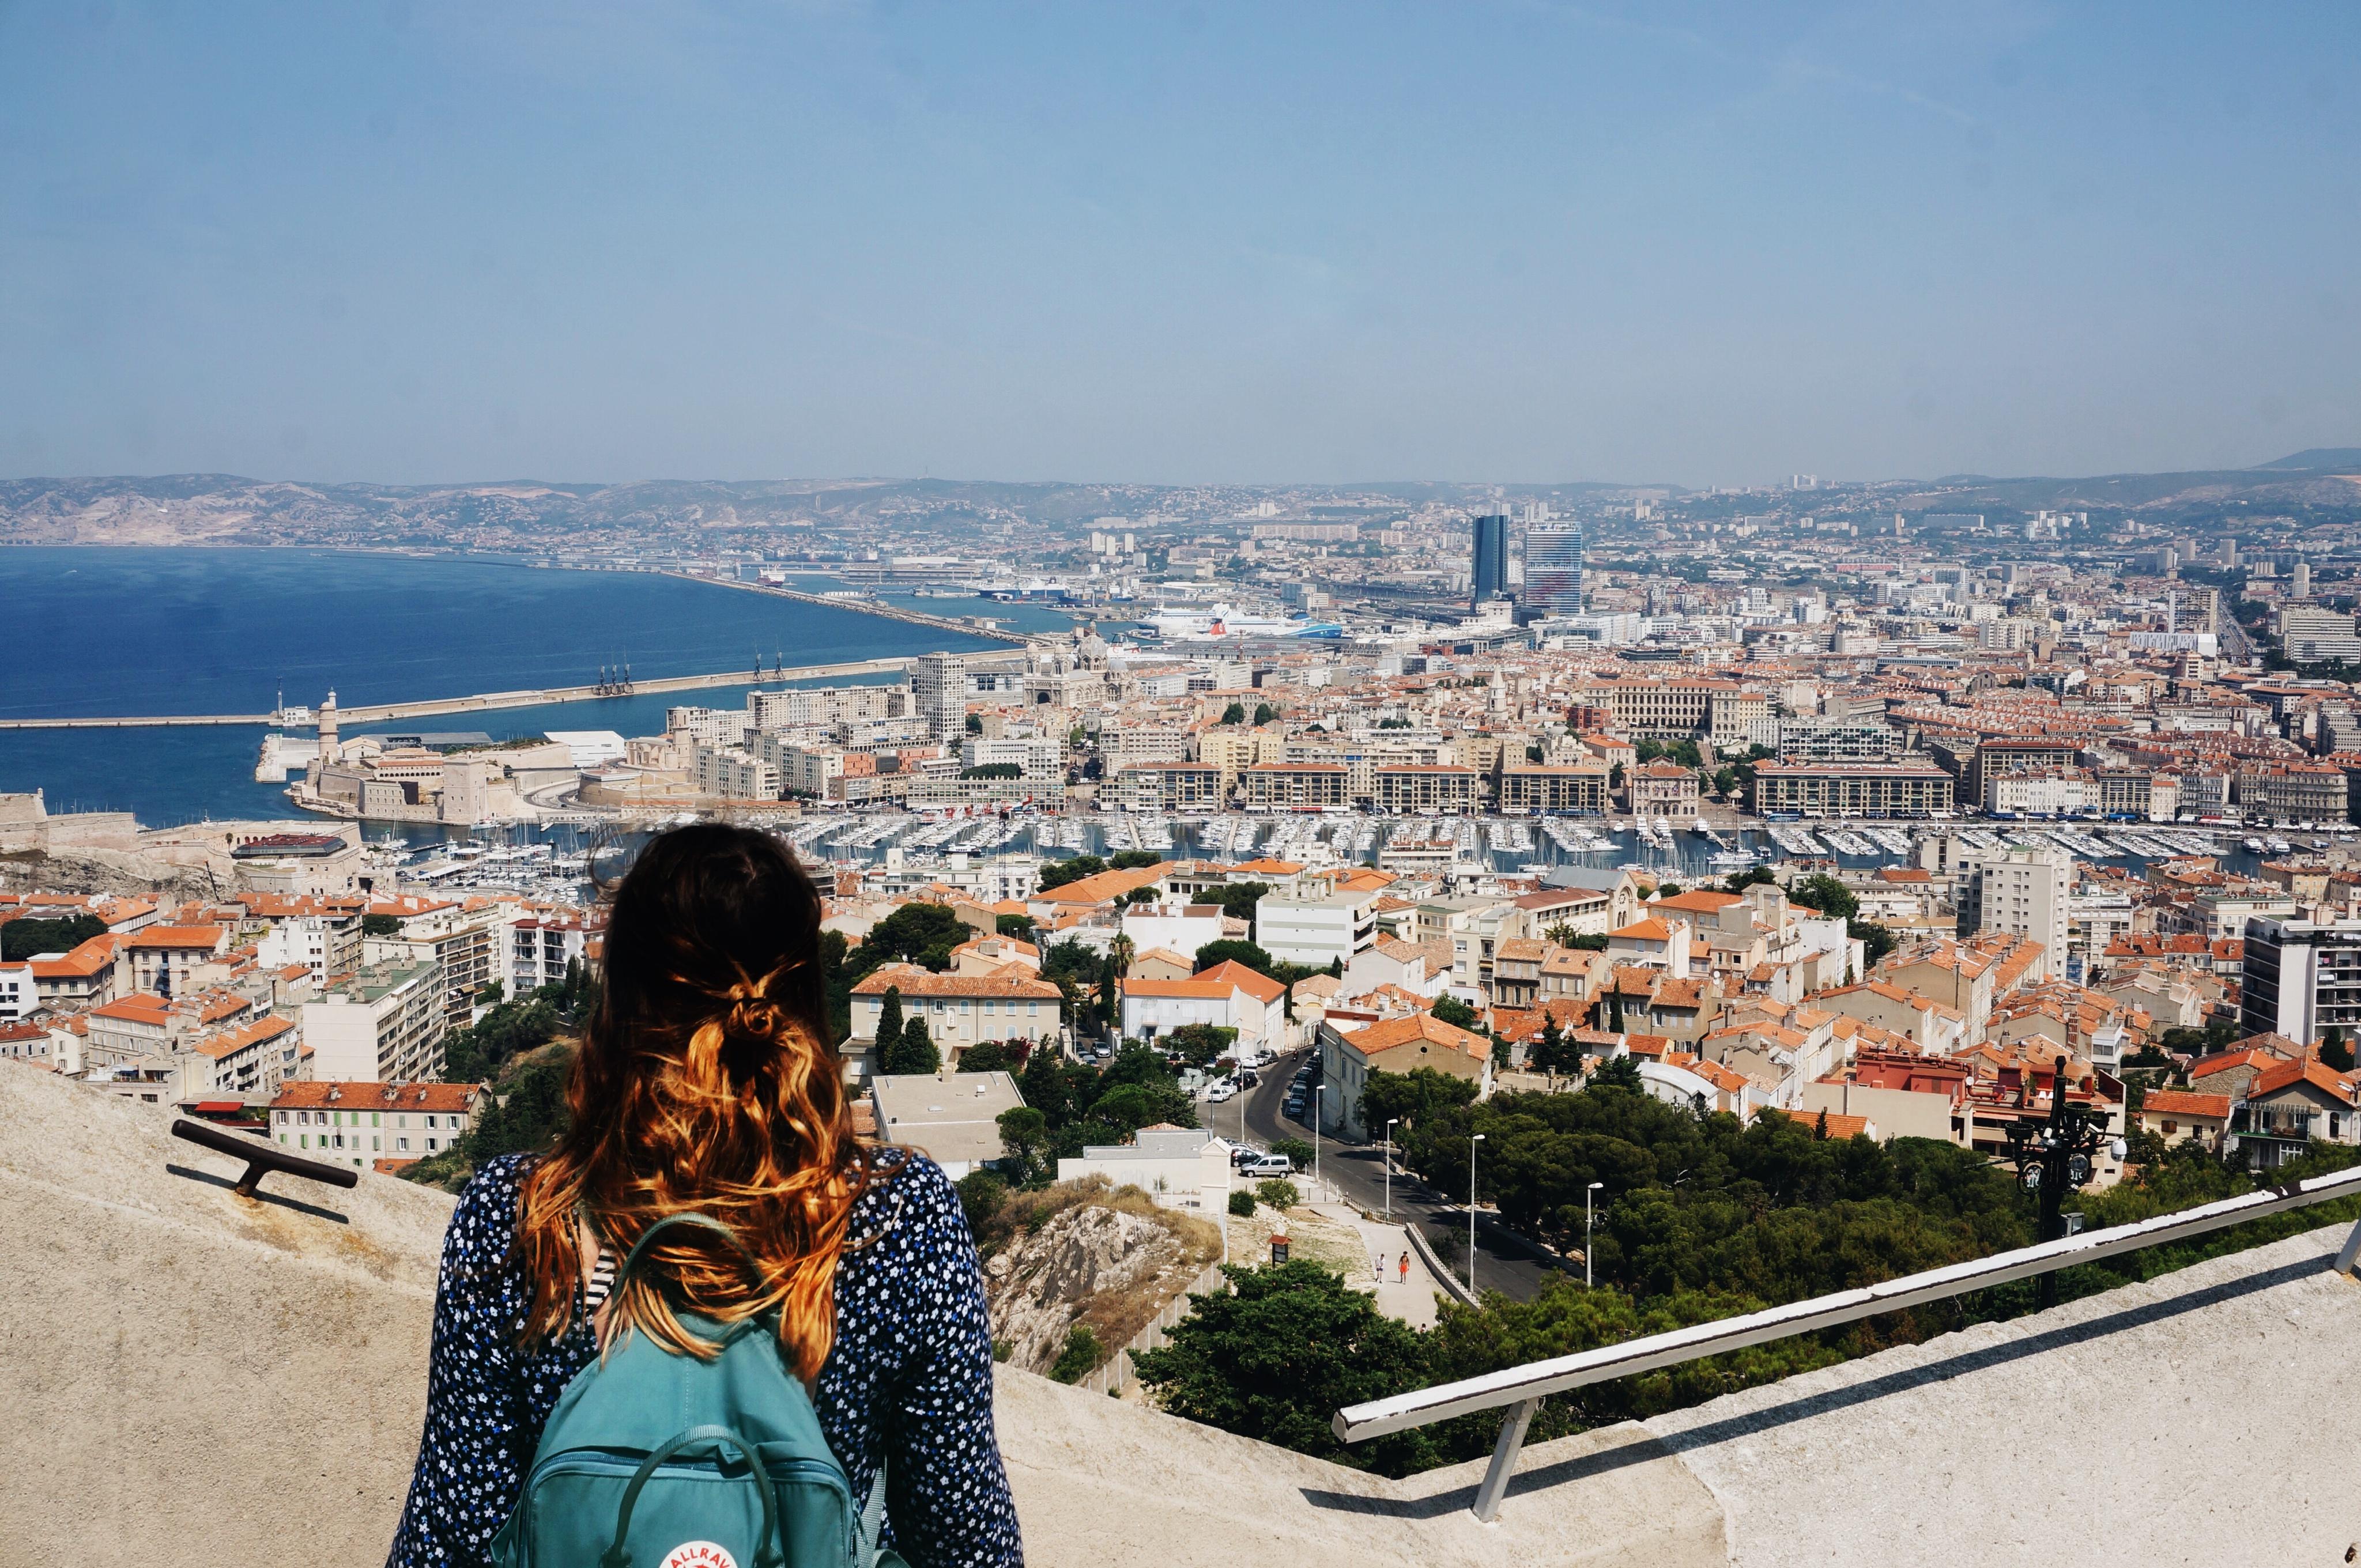 Hafen, old harbour marseille, Reisen, Sehenswürdigkeiten, Frankreich, Kurztrip, Ausflug, Reisen, view, Aussicht, Aussichtsplattform in Marseille